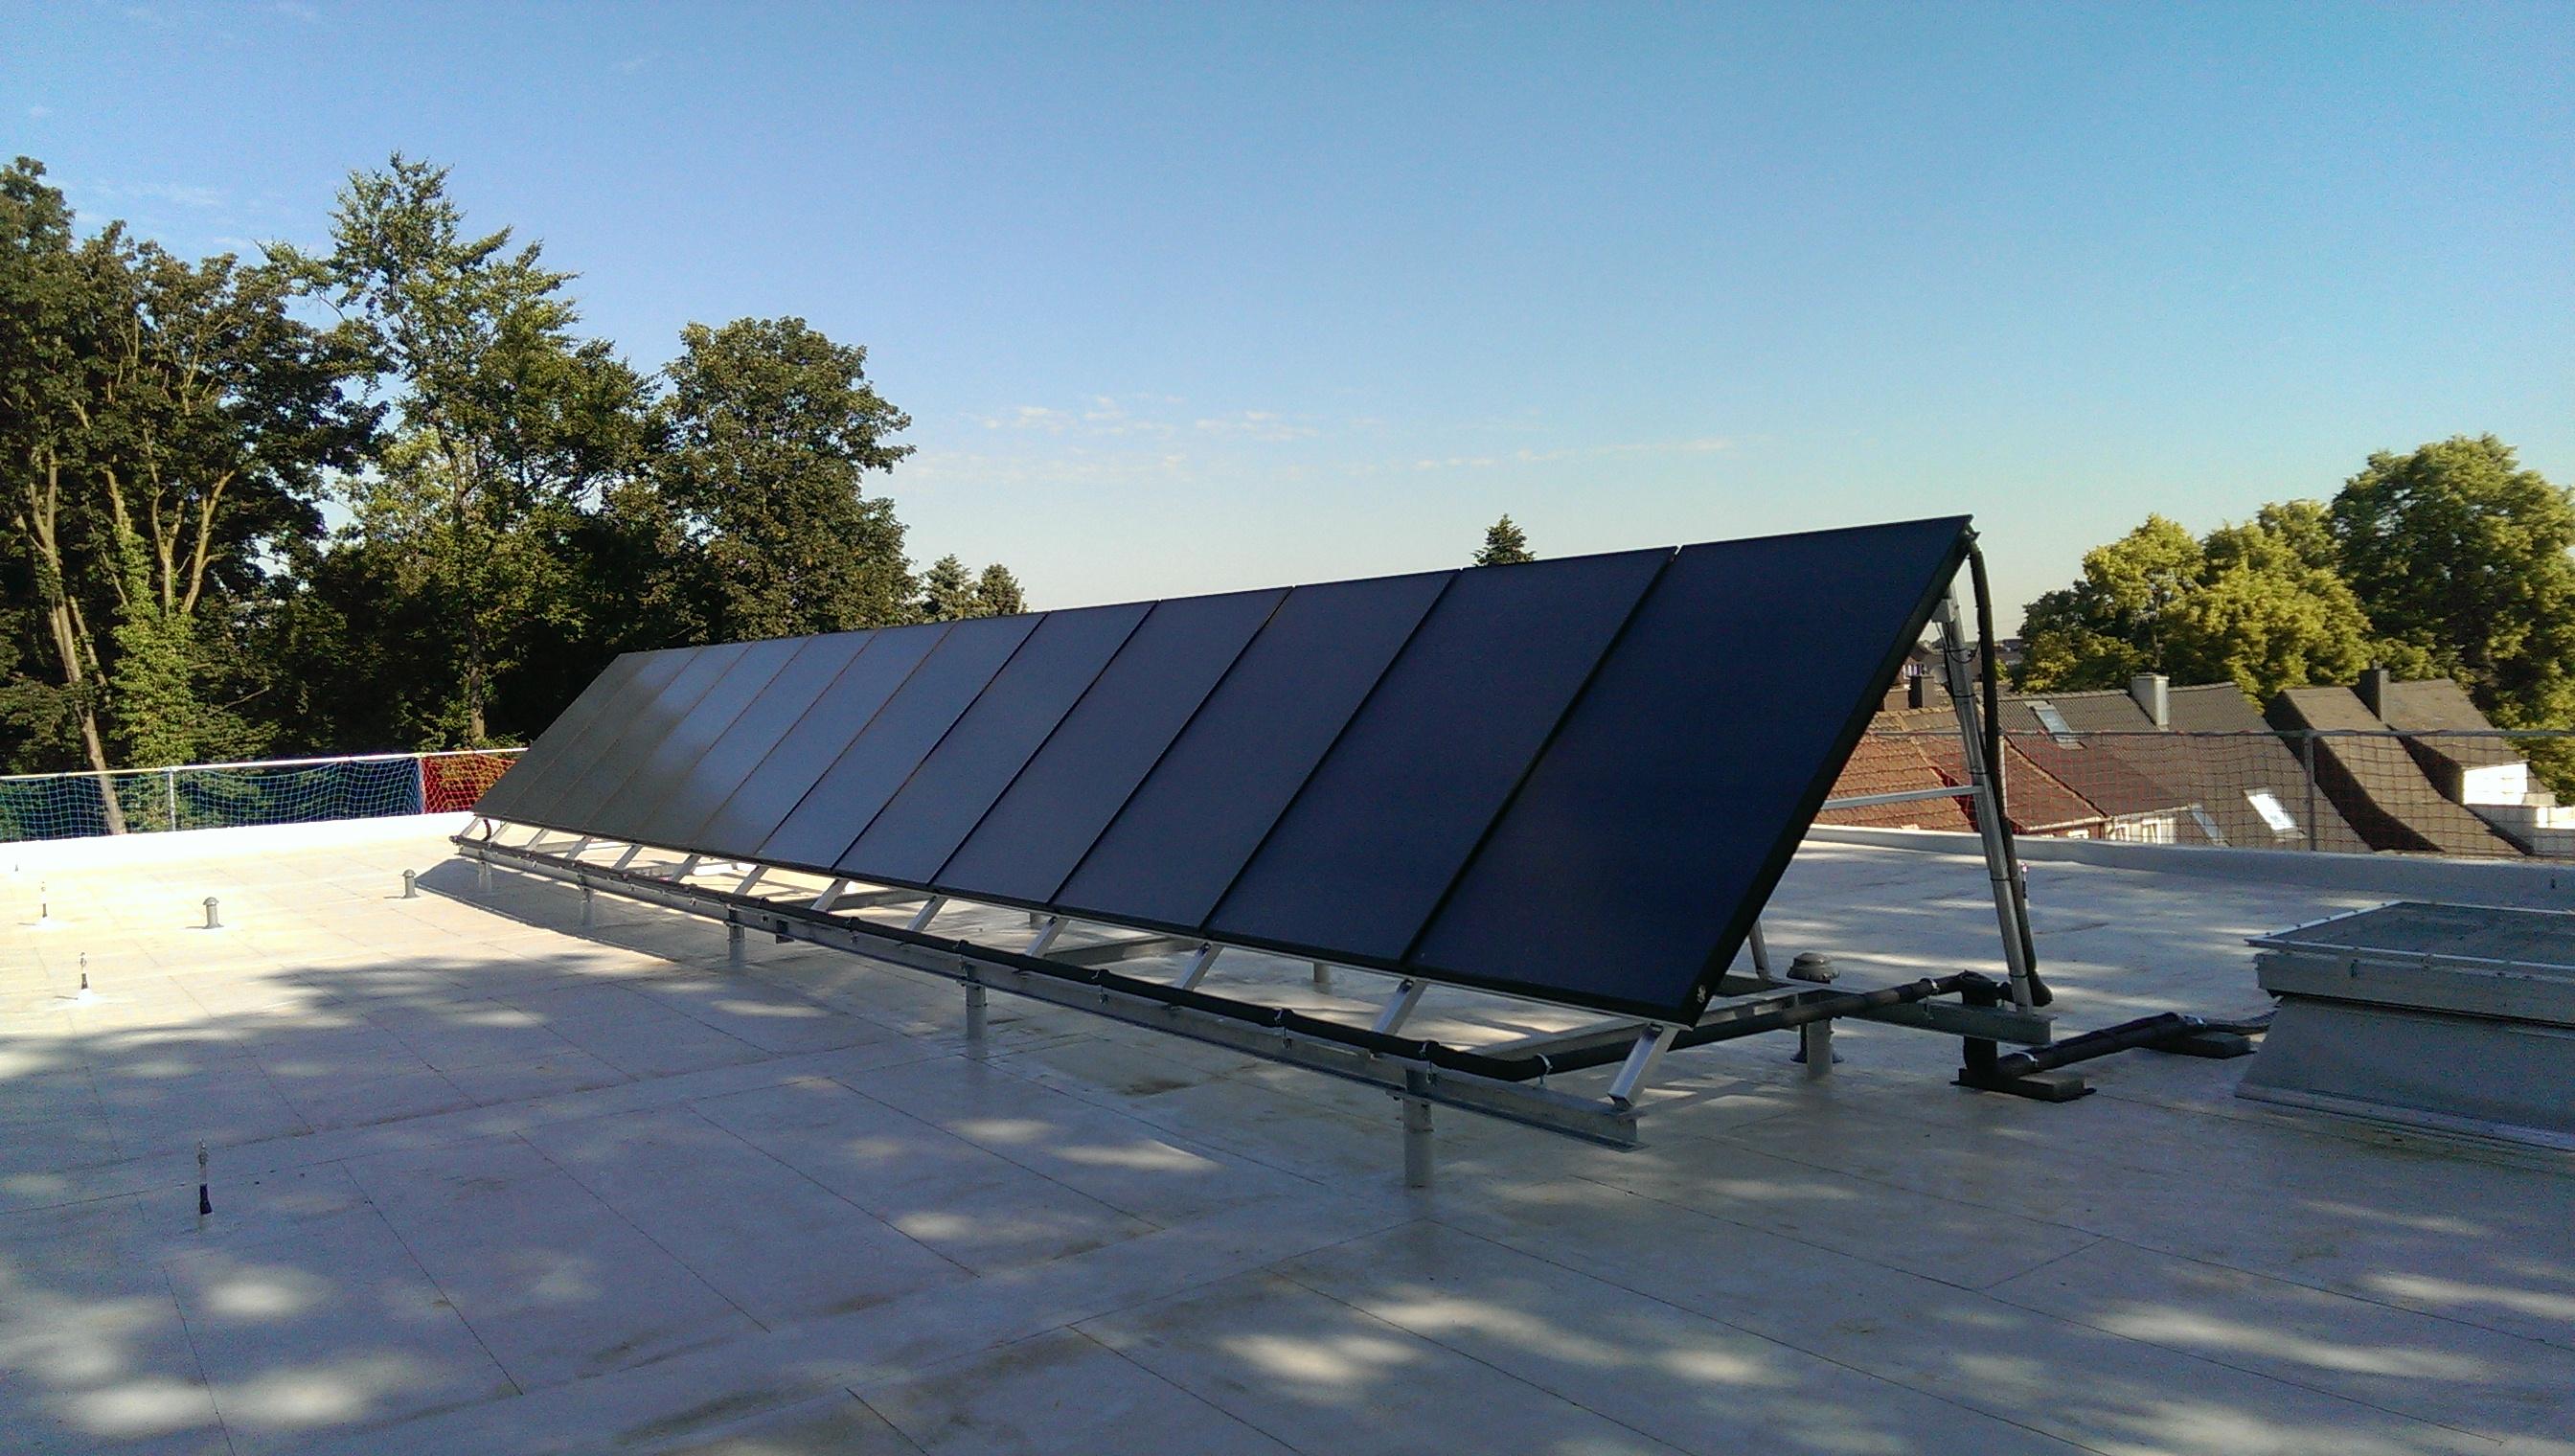 Solarthermieanlage der Firma Vaillant